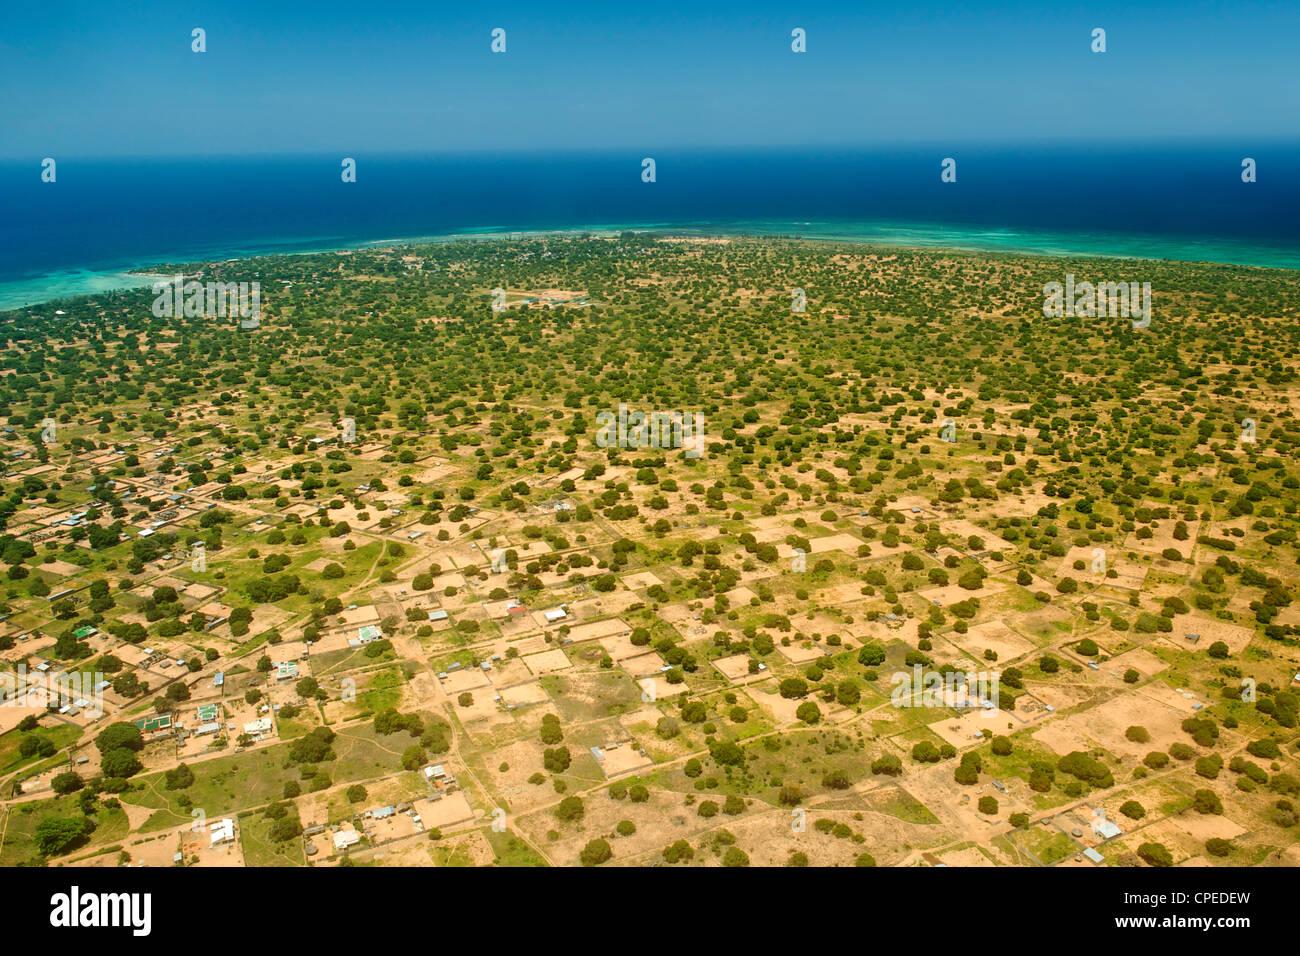 Vista aérea de Pemba, en el norte de Mozambique. Imagen De Stock